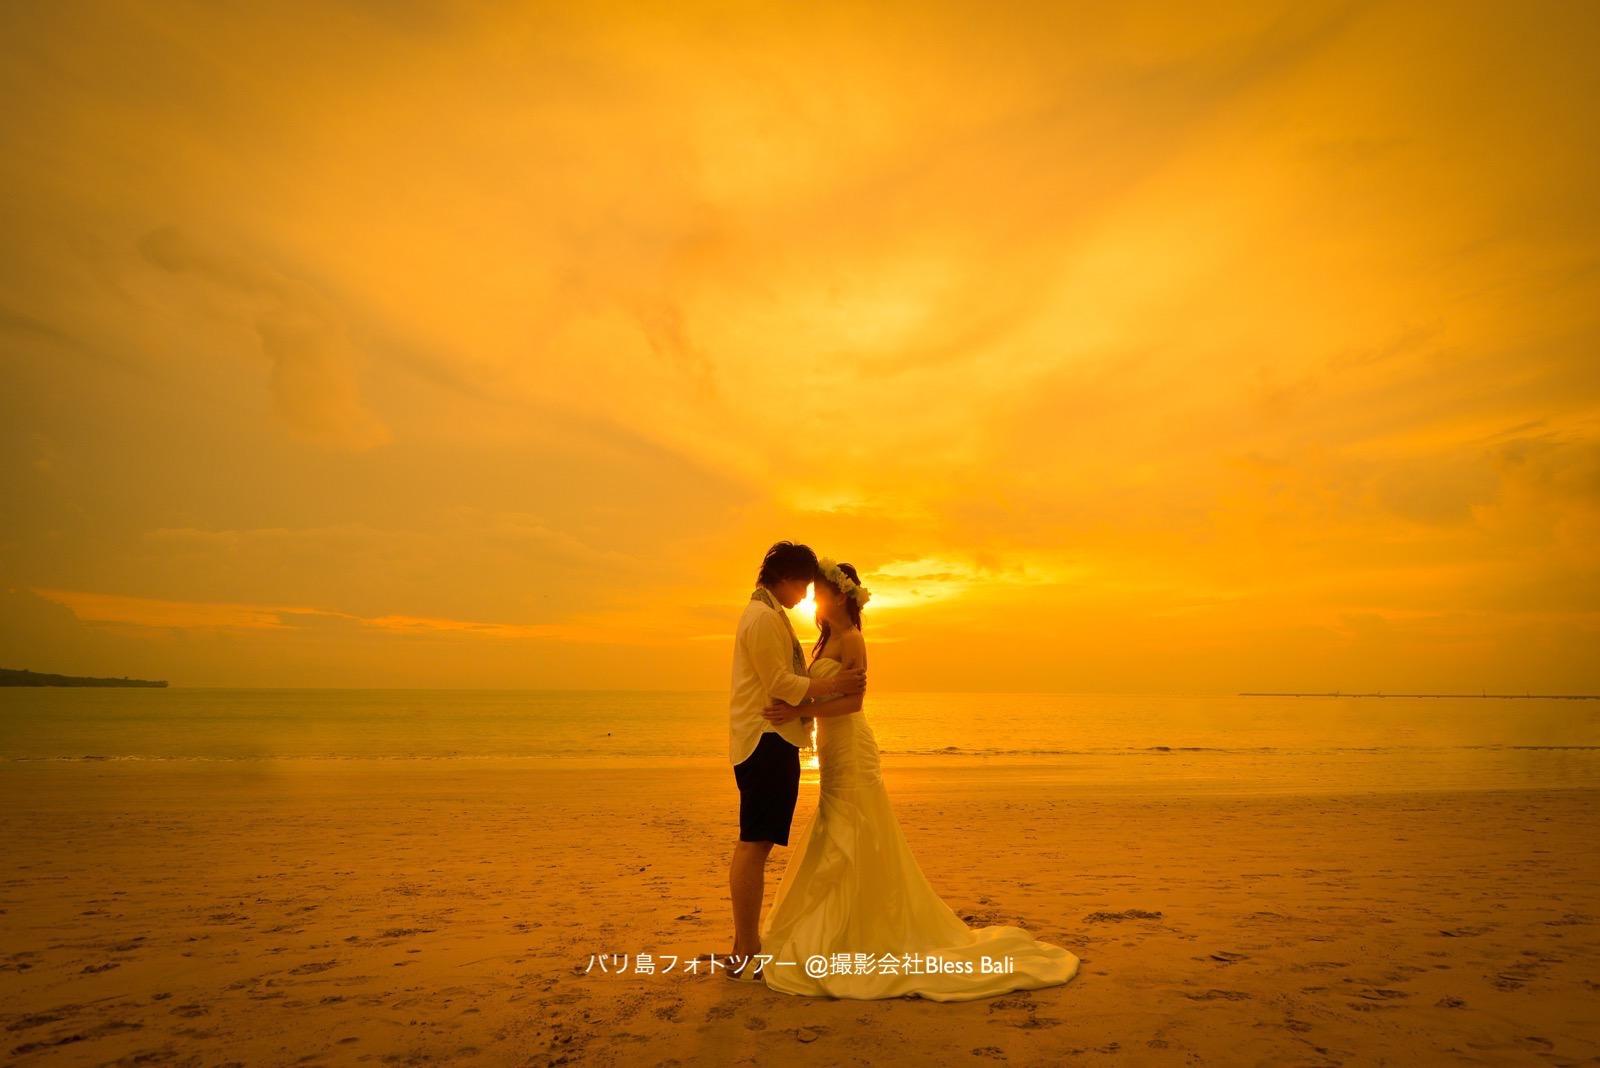 幻想的な夕日をバックに見つめ合うお二人を撮影